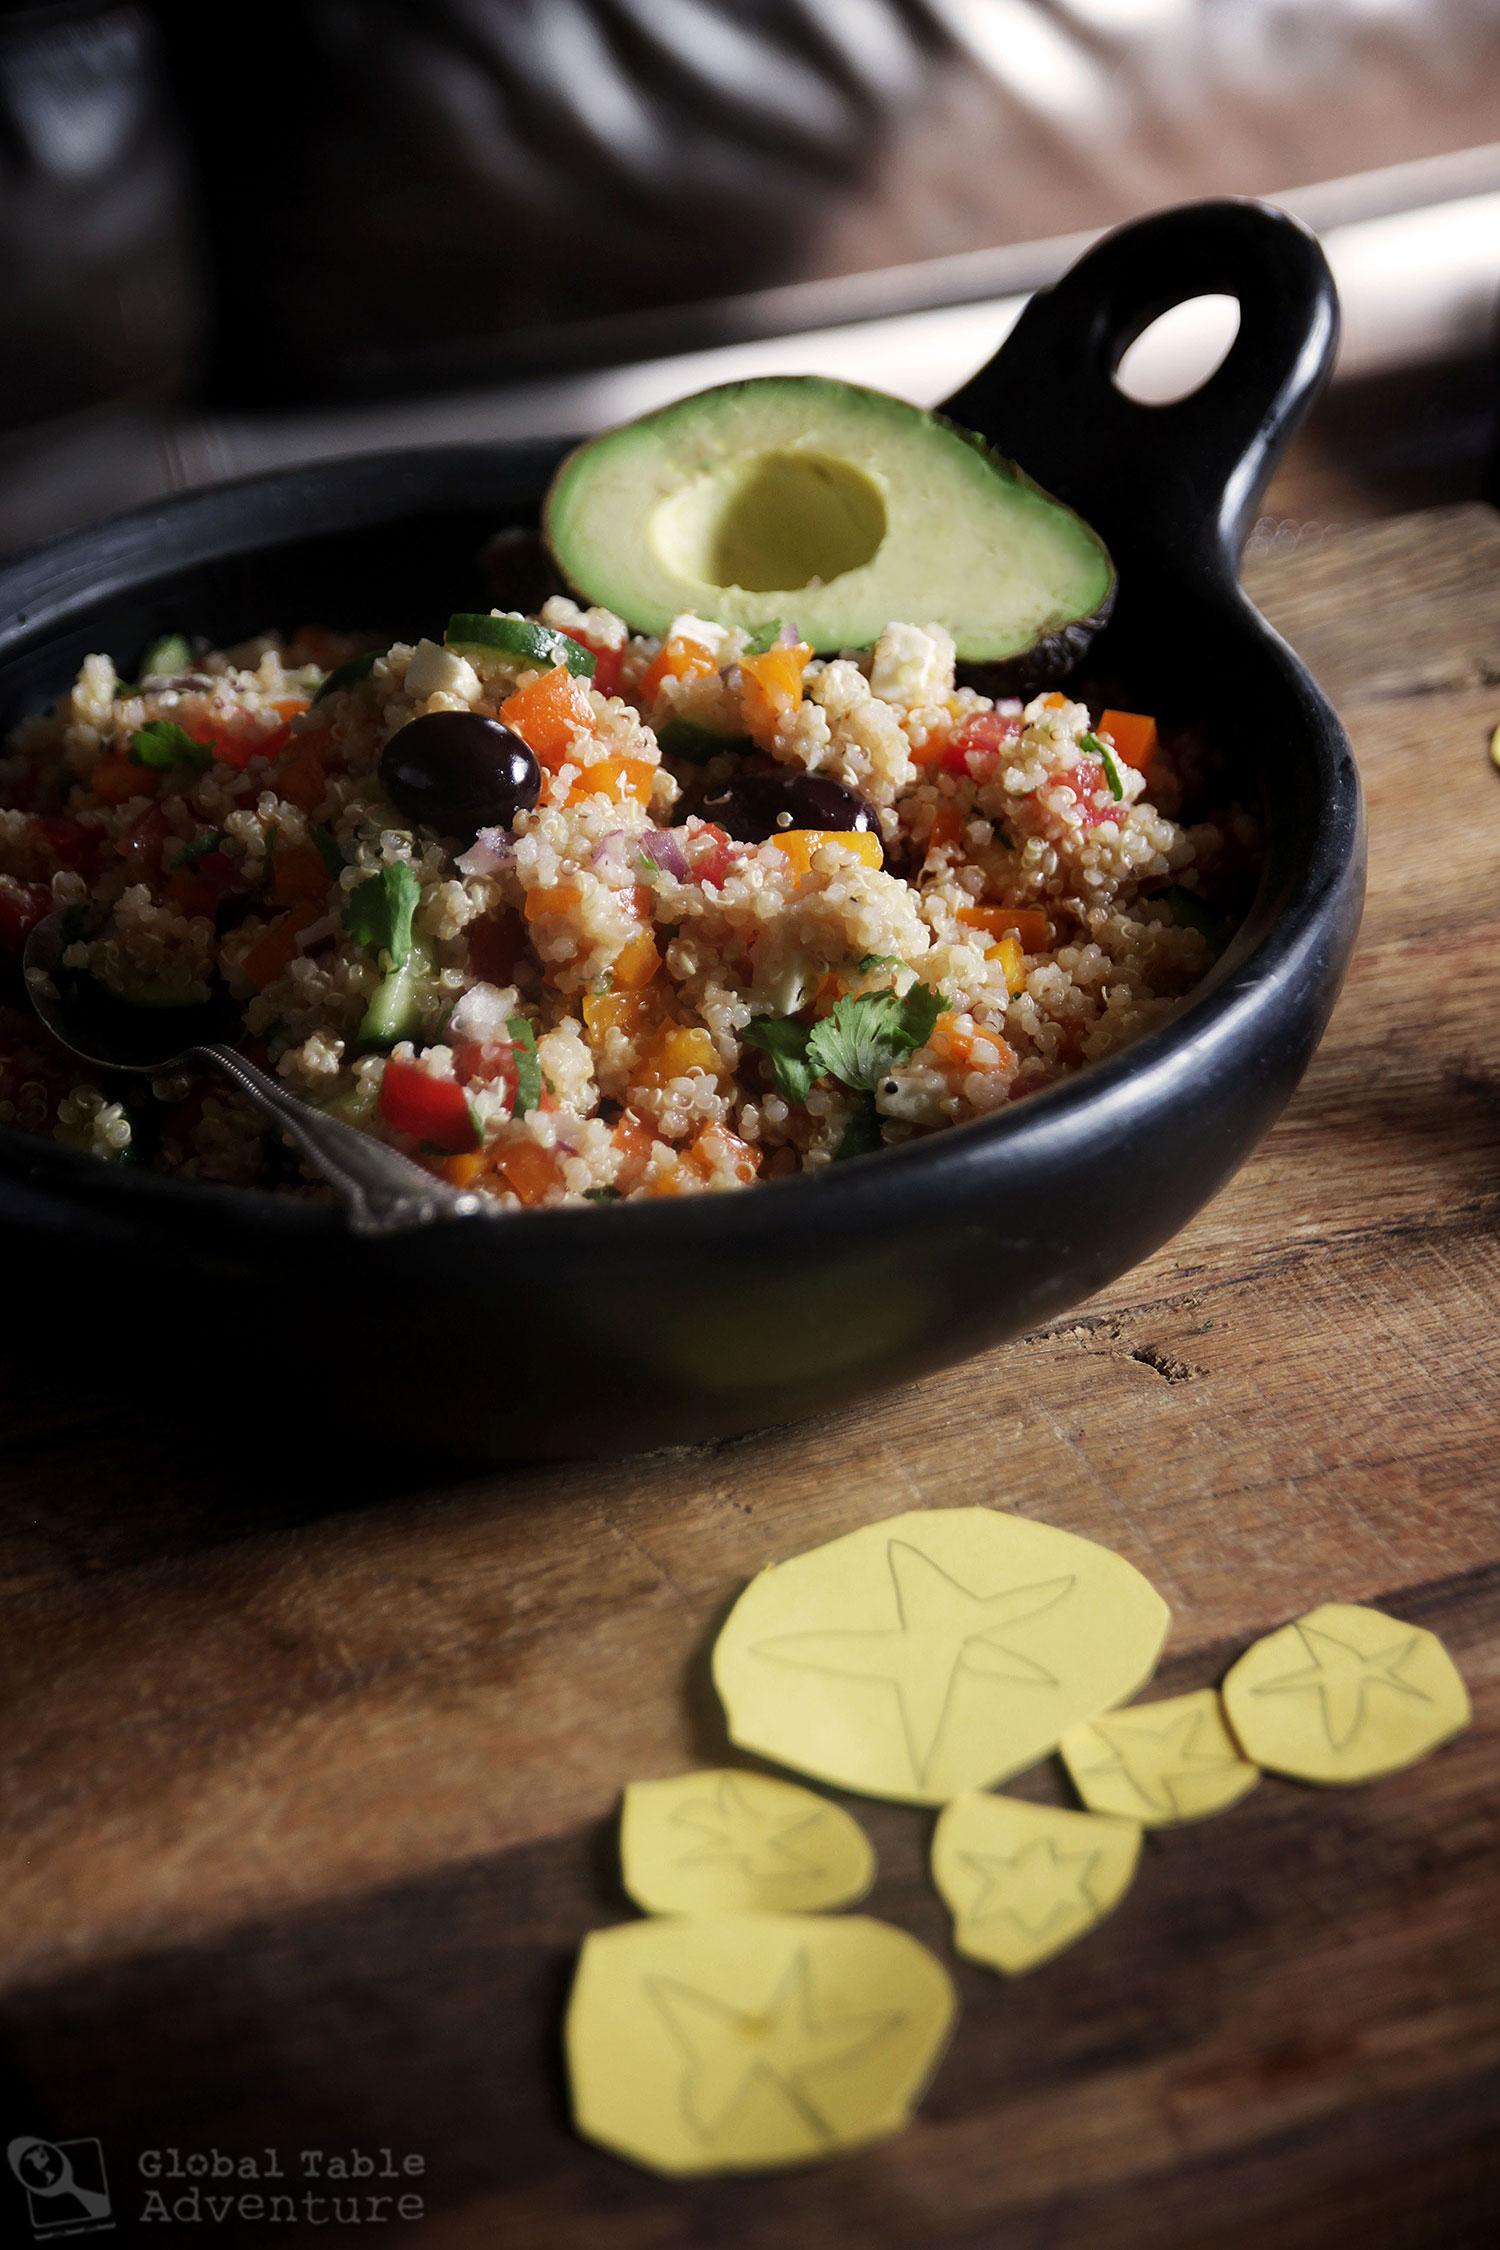 Recipe for South American Quinoa Salad